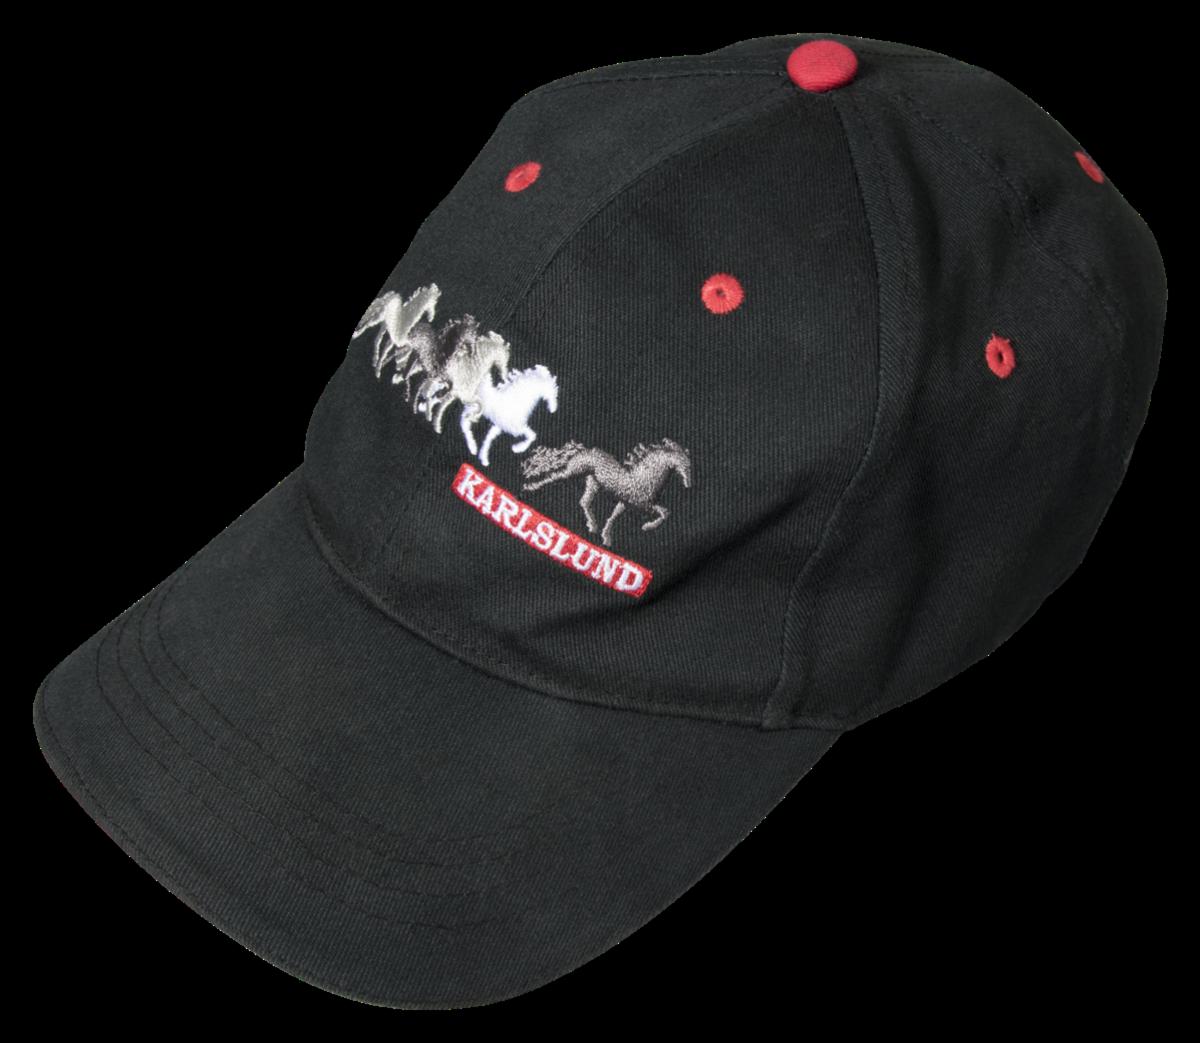 Karlslund Cap w/Horses